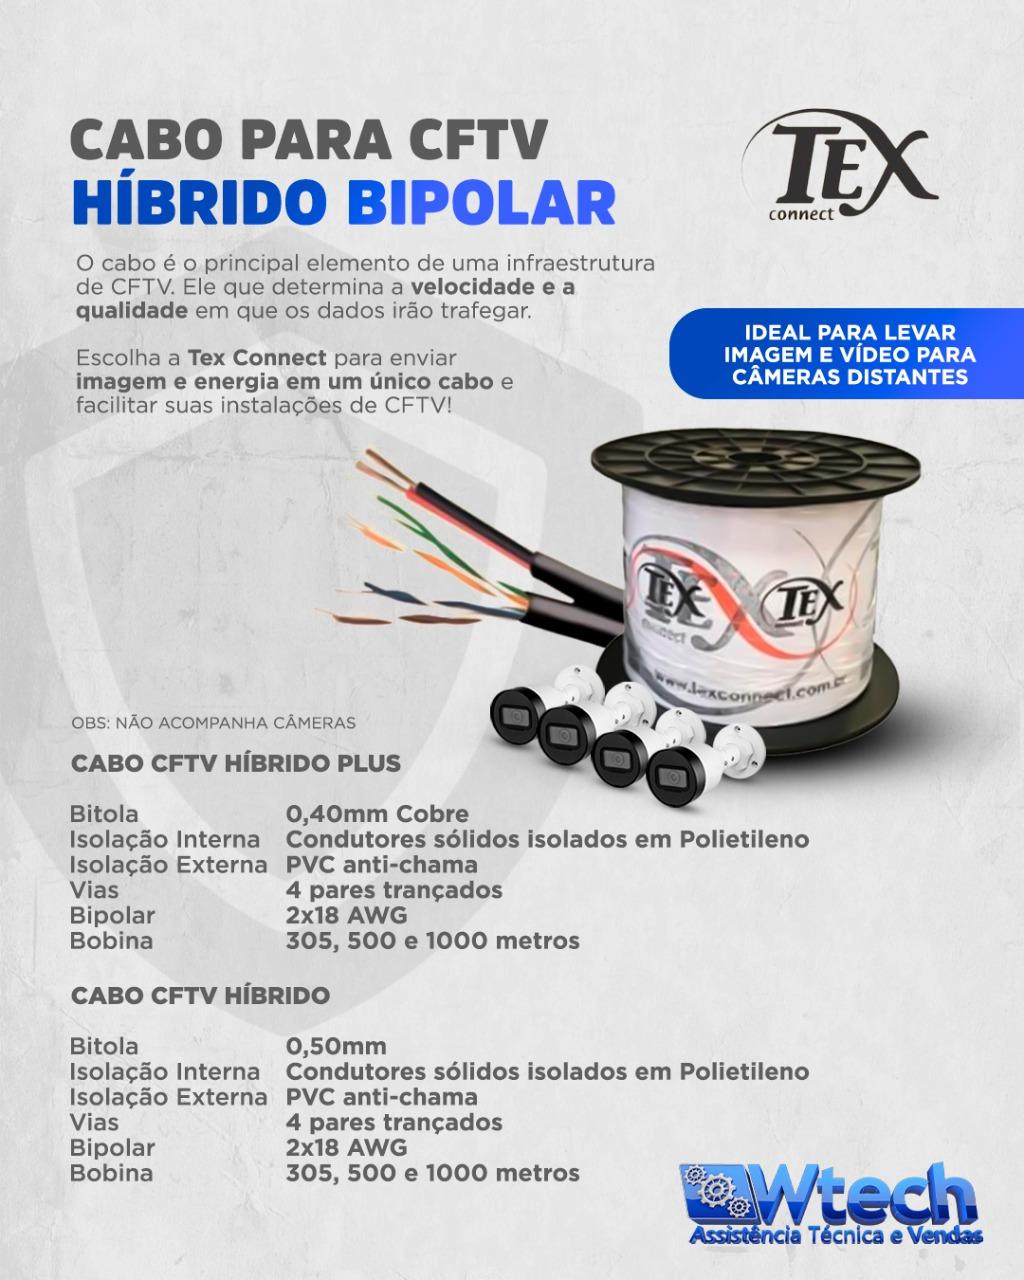 CABO HIBRIDO CFTV 50/8 VIAS + BIPOLAR 1MM ALIMENTAÇÃO 100MTS